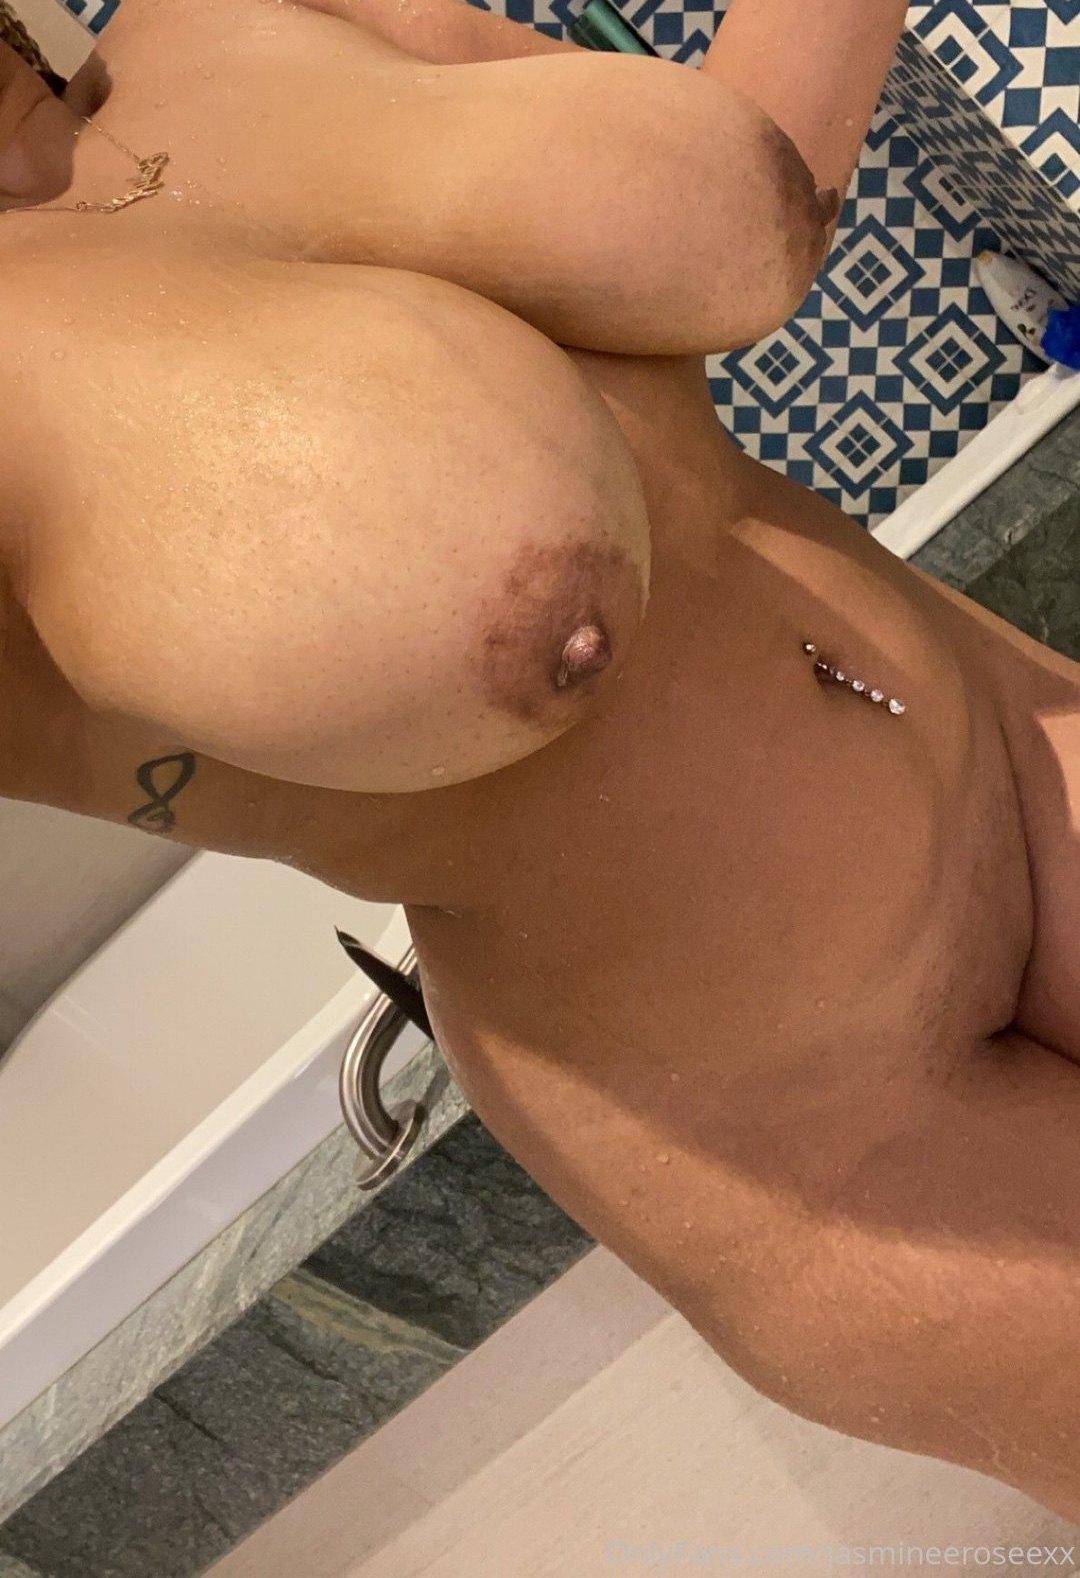 Jasmineeroseexx Onlyfans Nudes Leaks 0004